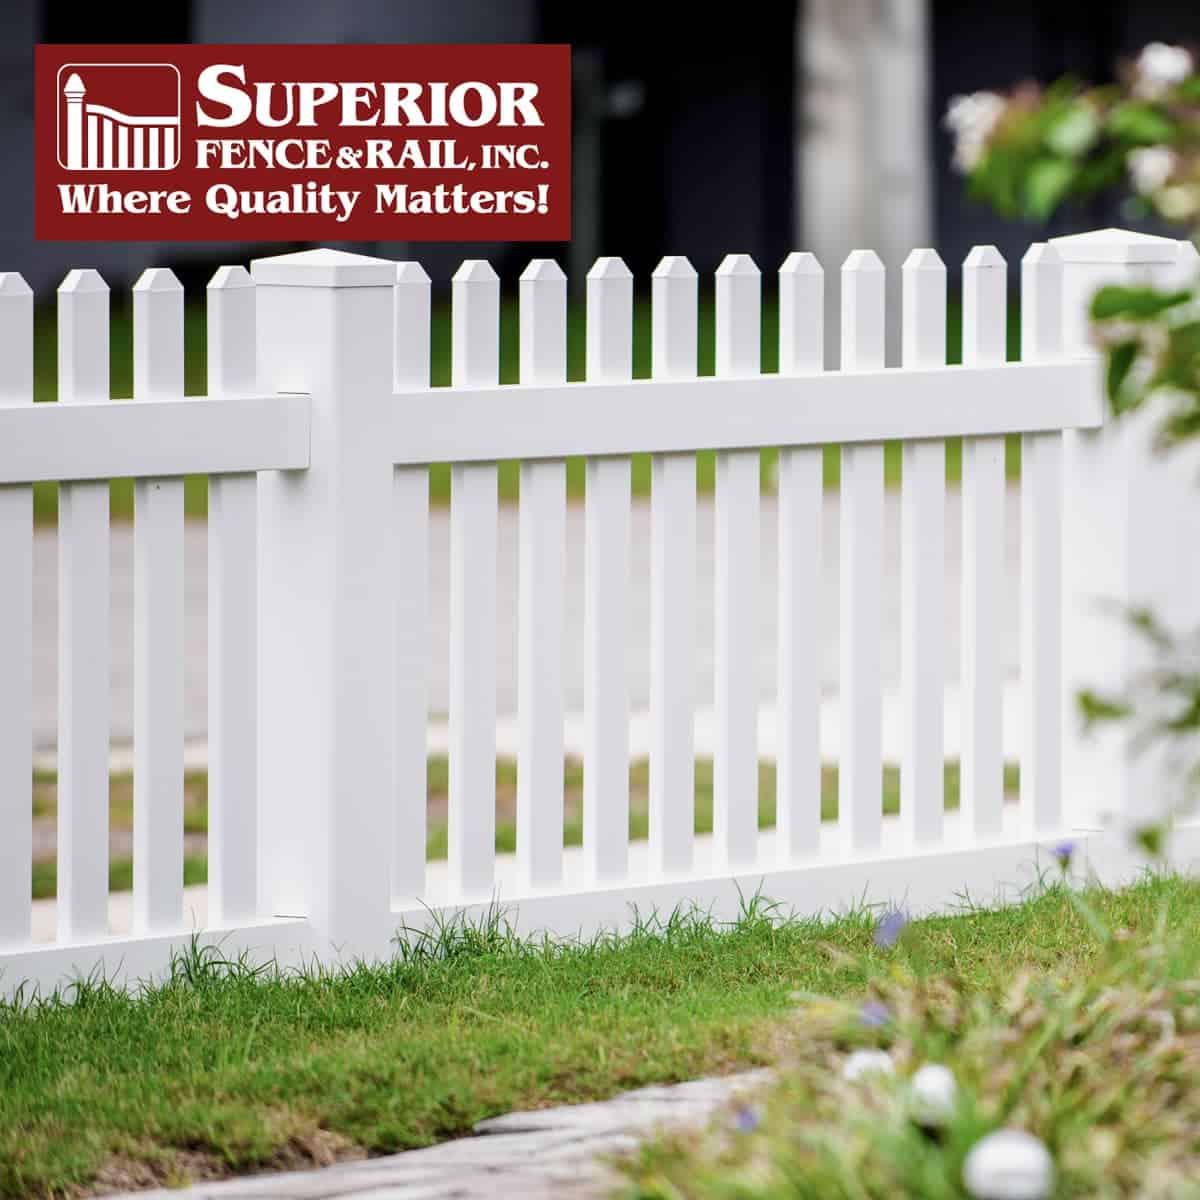 Van Buren Fence Company Contractor